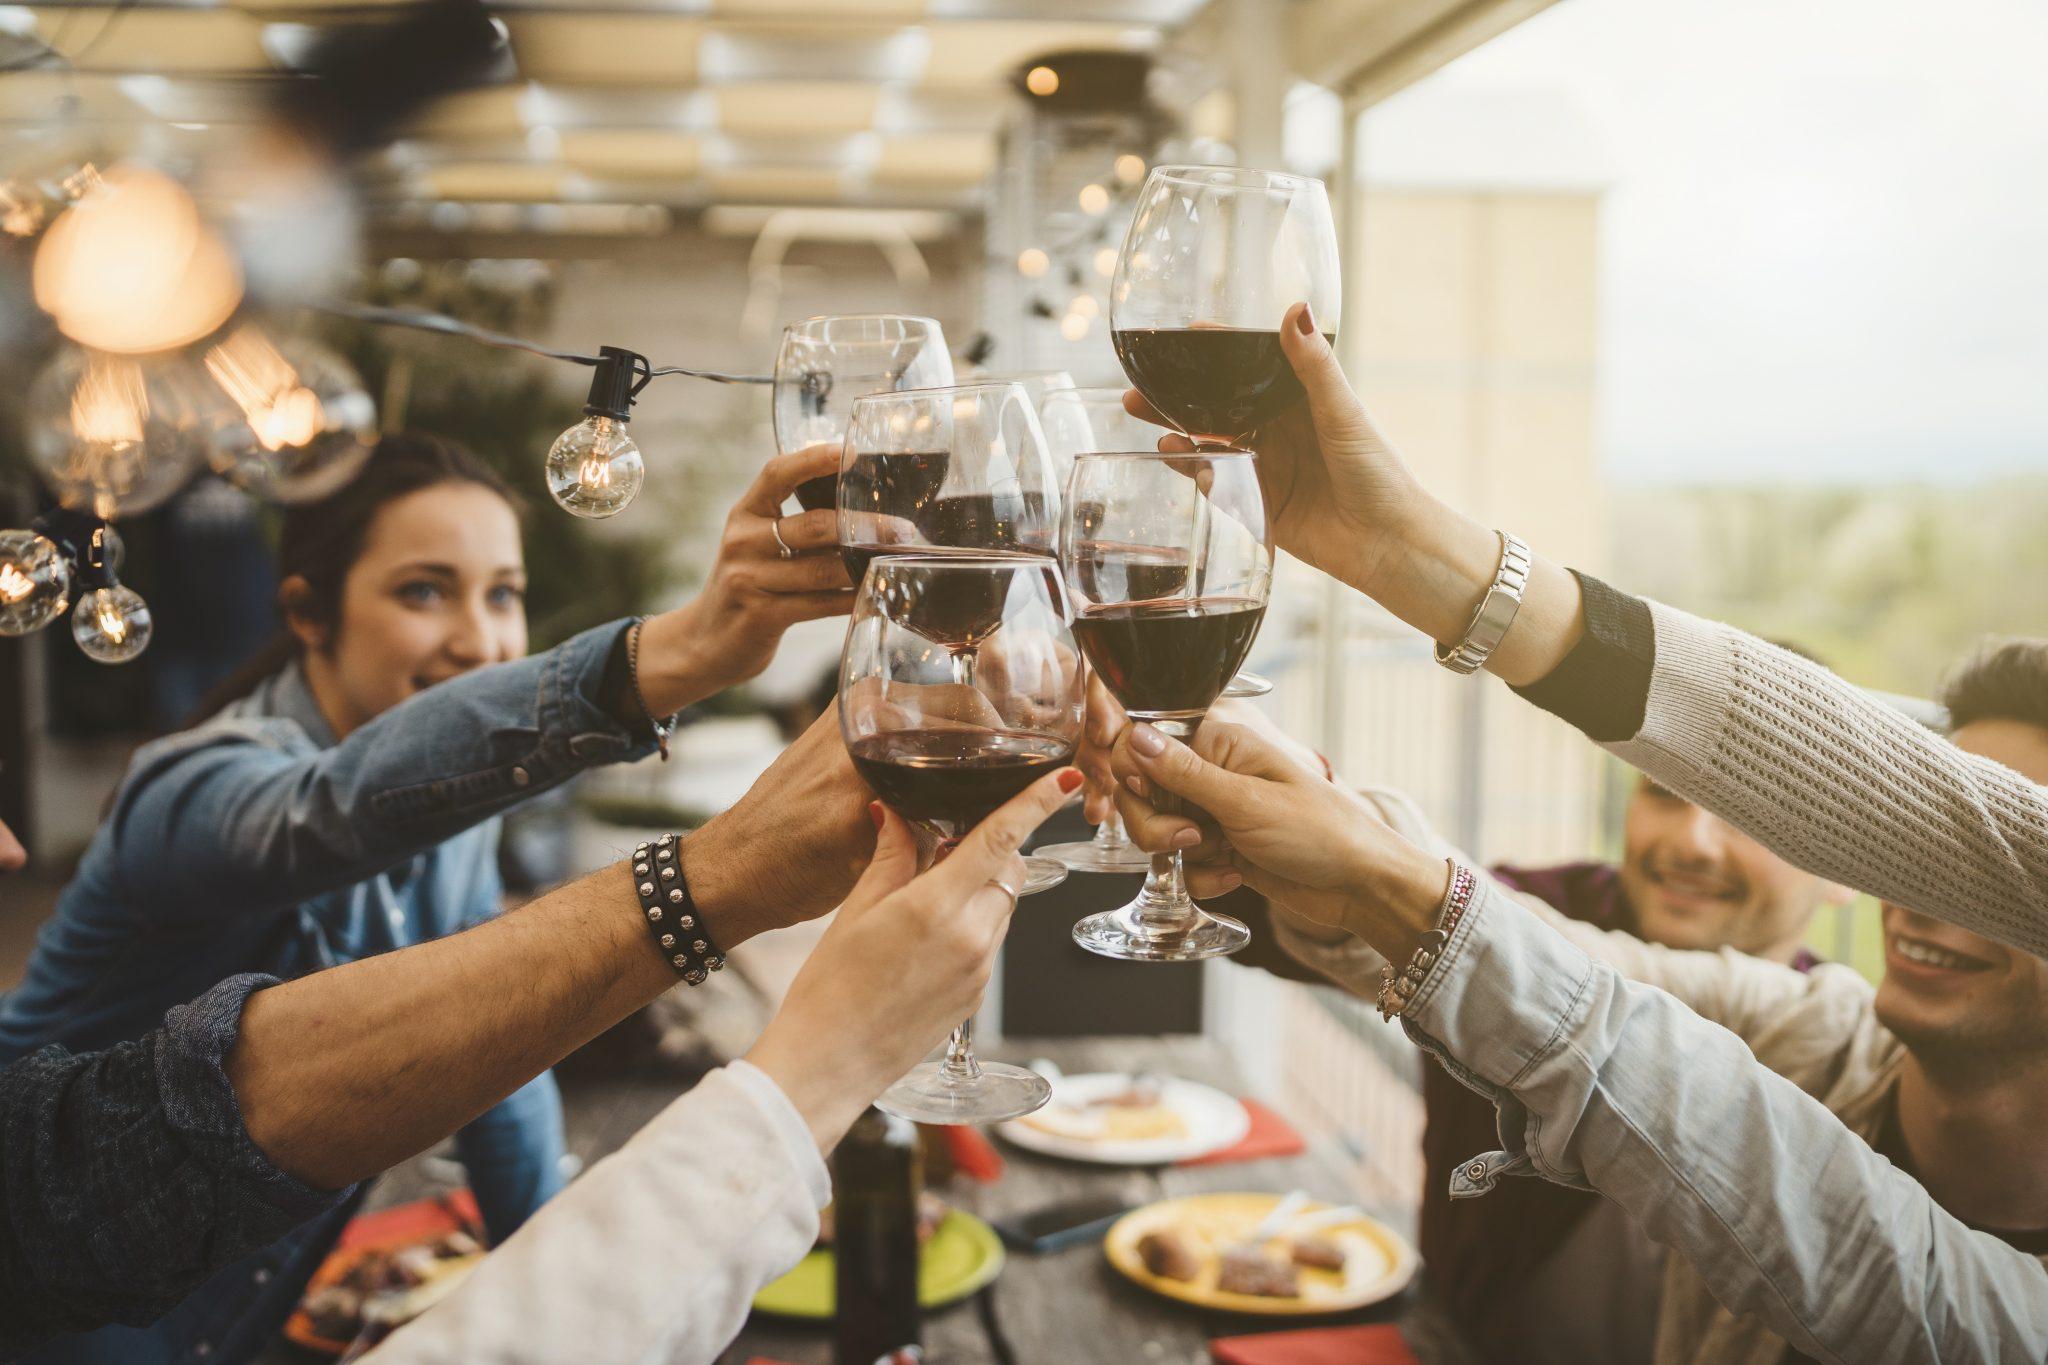 Alkohol przy jedzeniu: aperitif, digestif, wino?